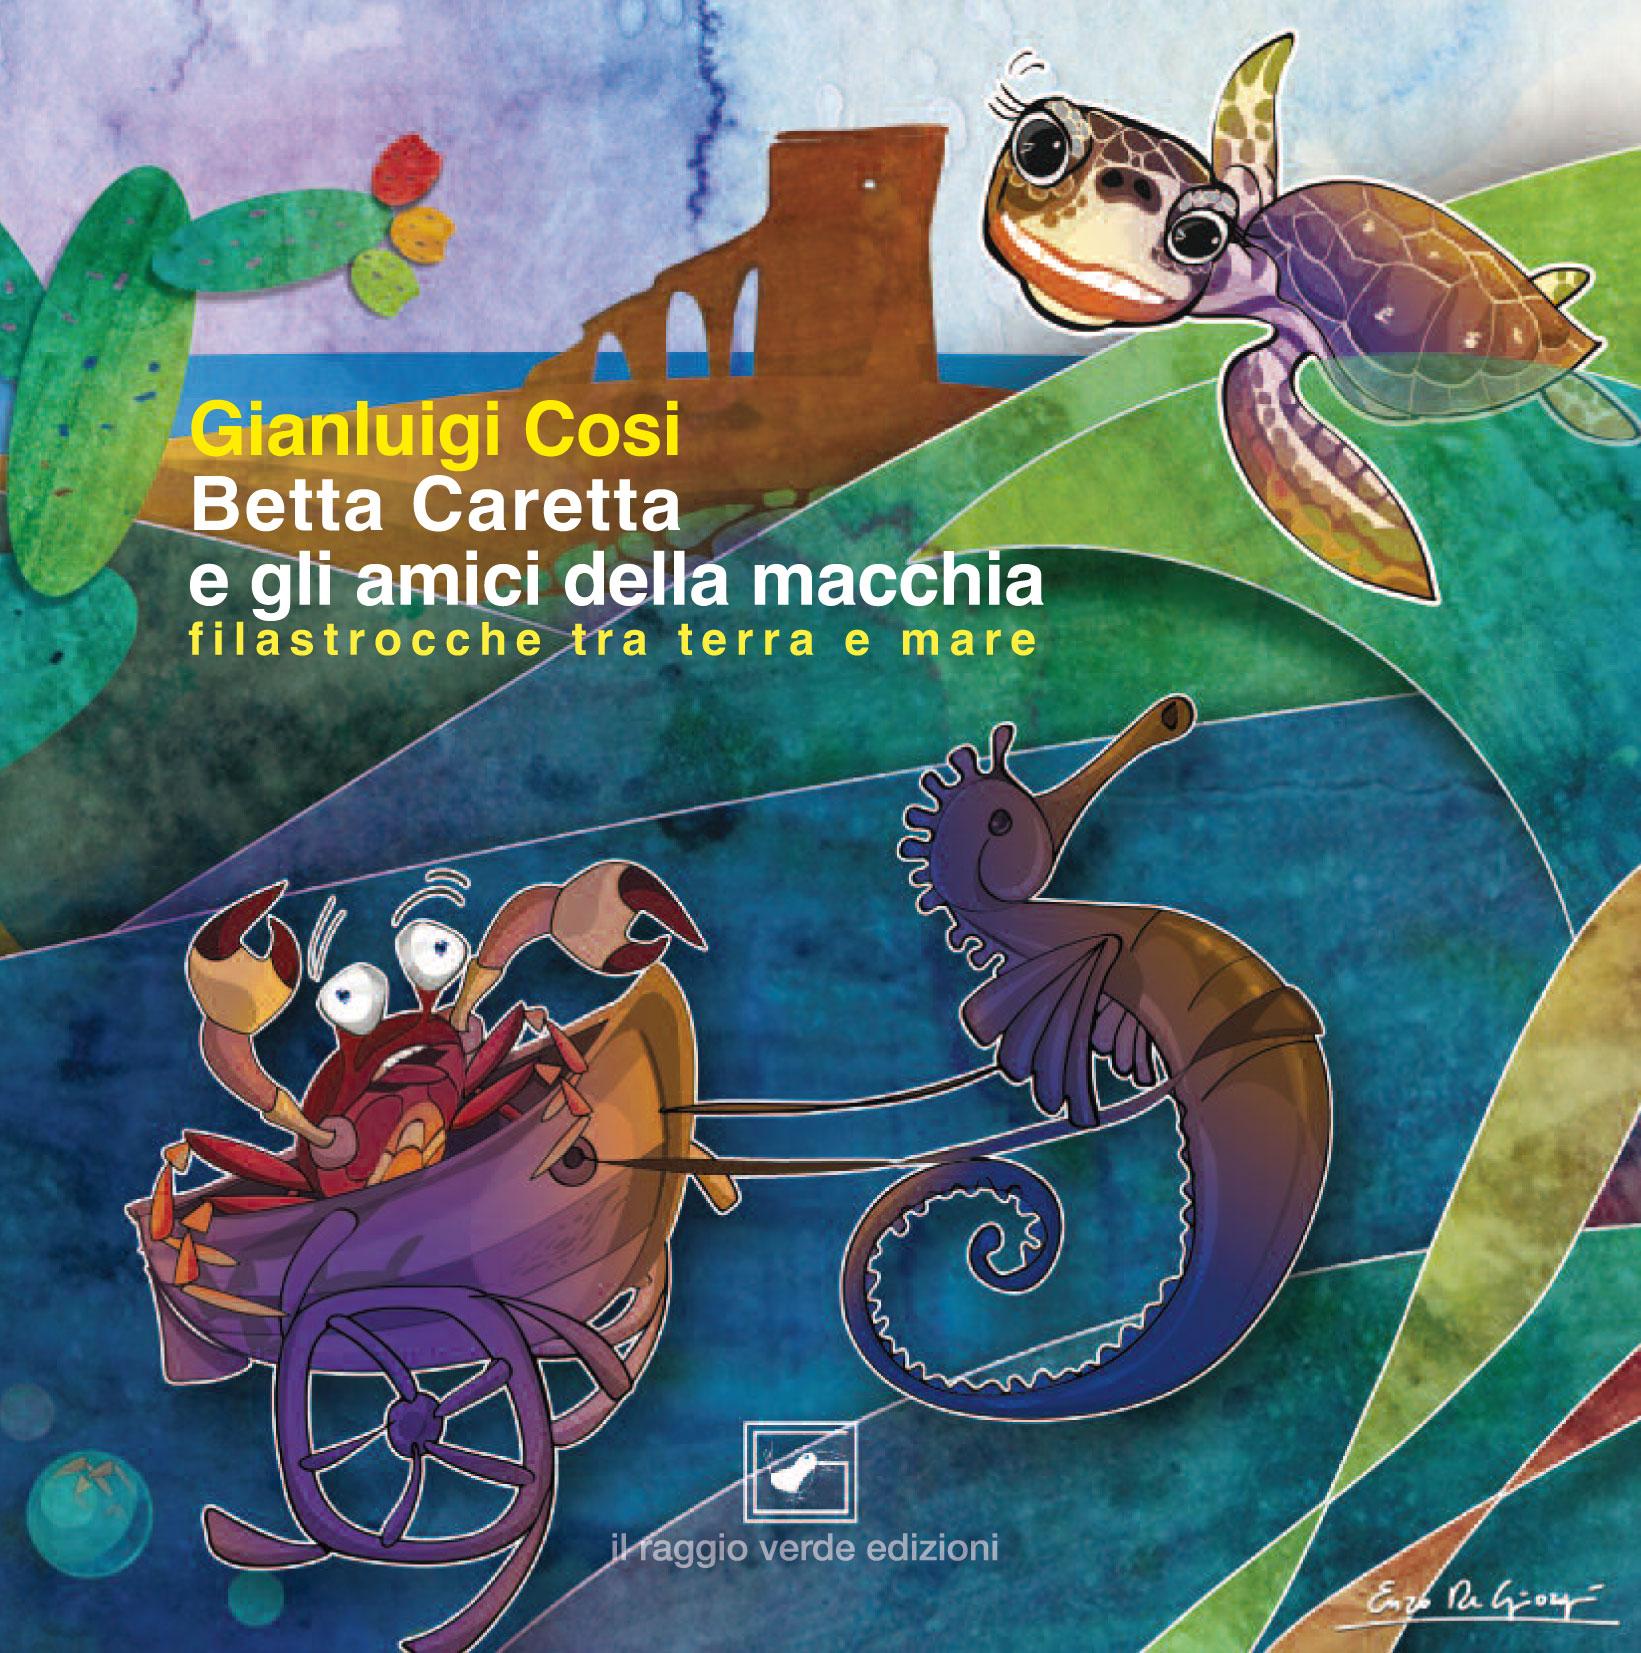 Gianluigi Cosi